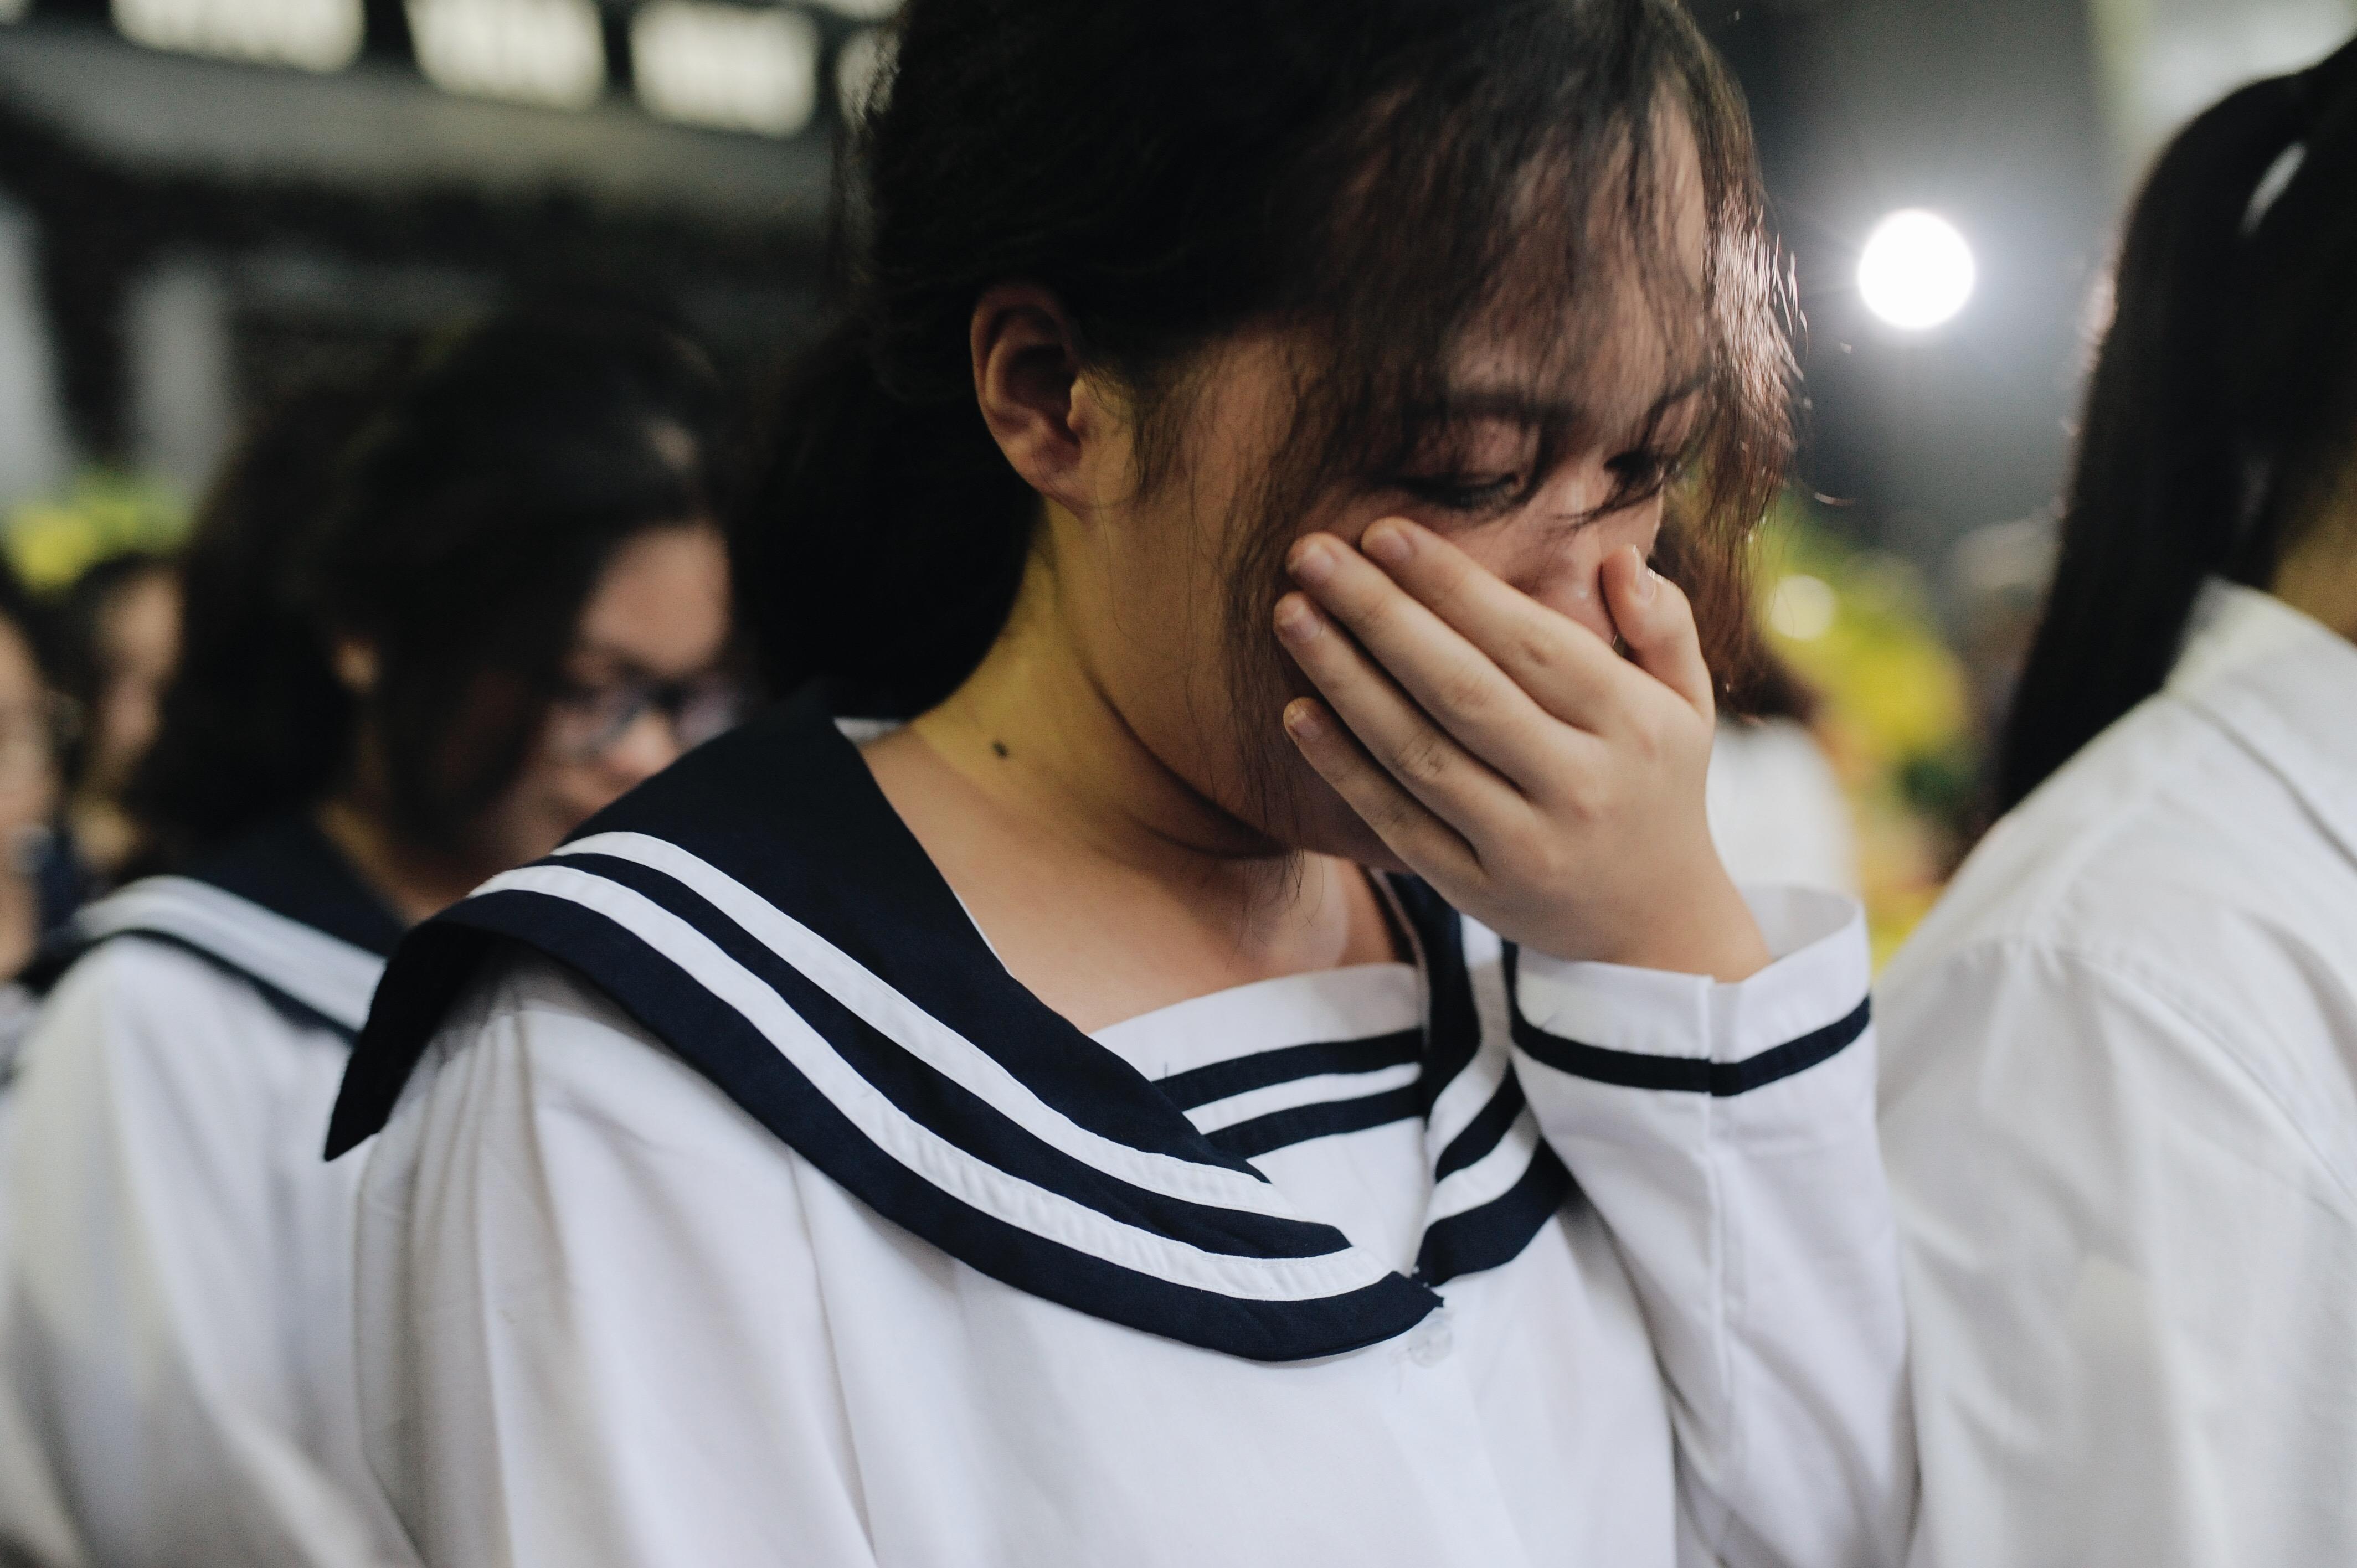 Hàng nghìn học sinh Lương Thế Vinh đứng hai bên đường tiễn đưa đoàn xe chở linh cữu thầy Văn Như Cương về nơi an nghỉ cuối cùng - Ảnh 23.